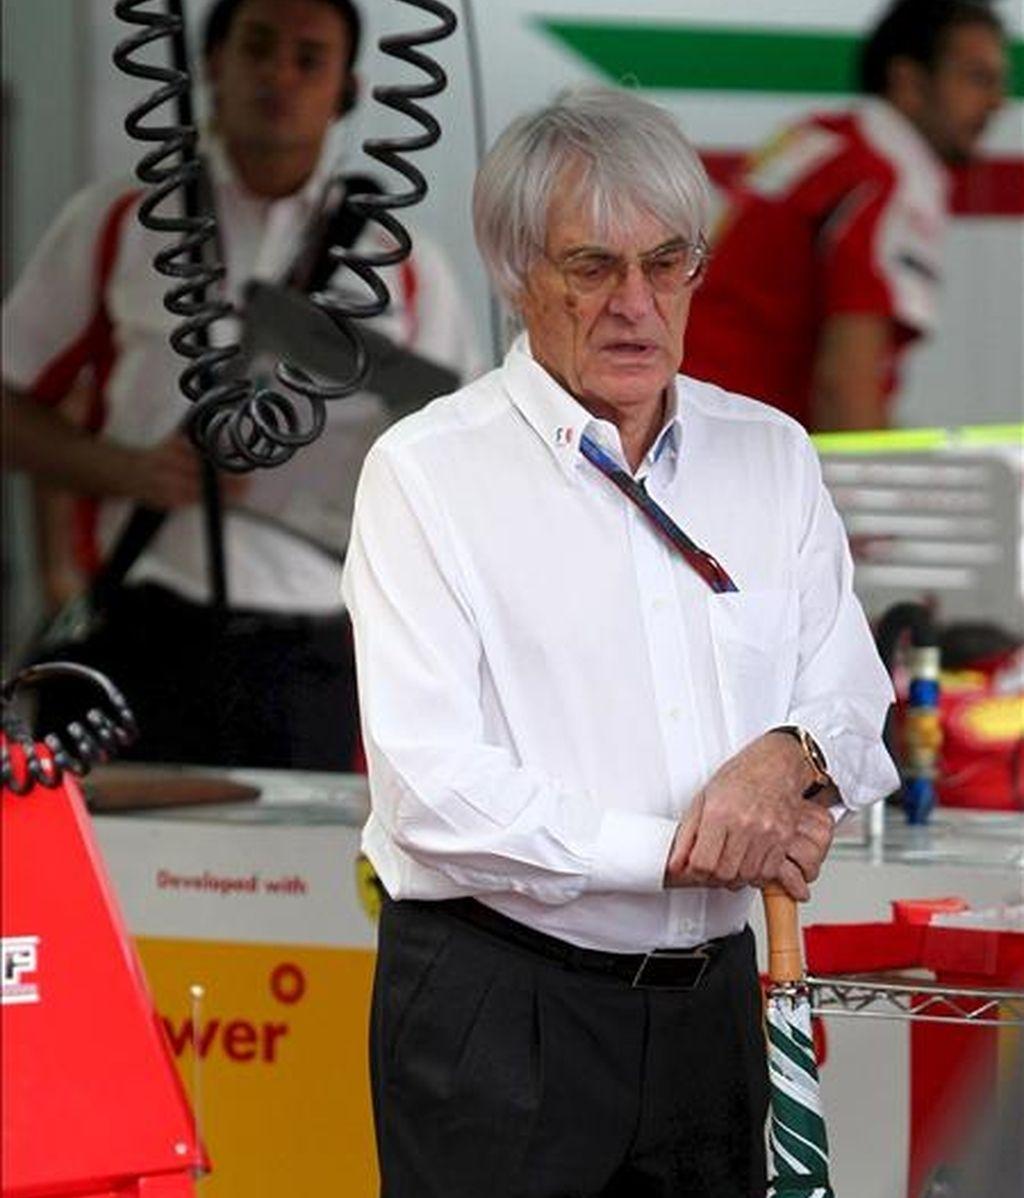 El presidente de la Formula One Maneger (FOM), Bernie Ecclestone, en el box de Ferrari. EFE/Archivo